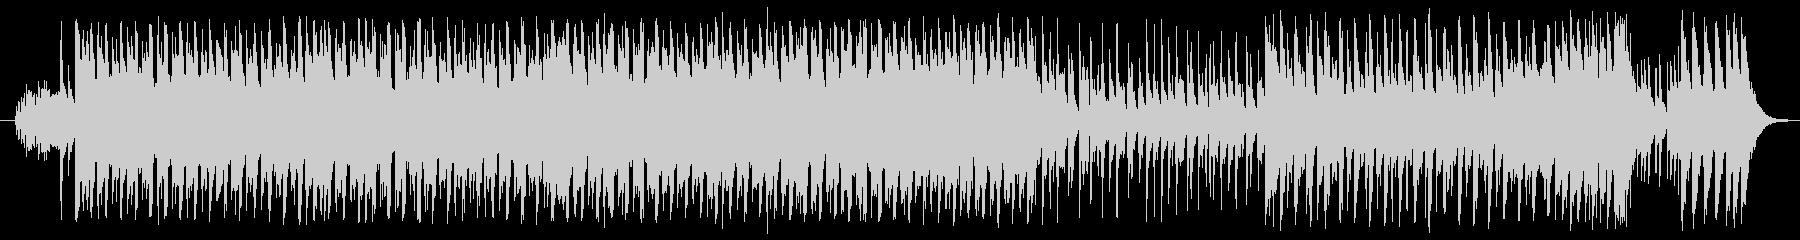 和楽器+エレクトロの和風ダンス曲の未再生の波形